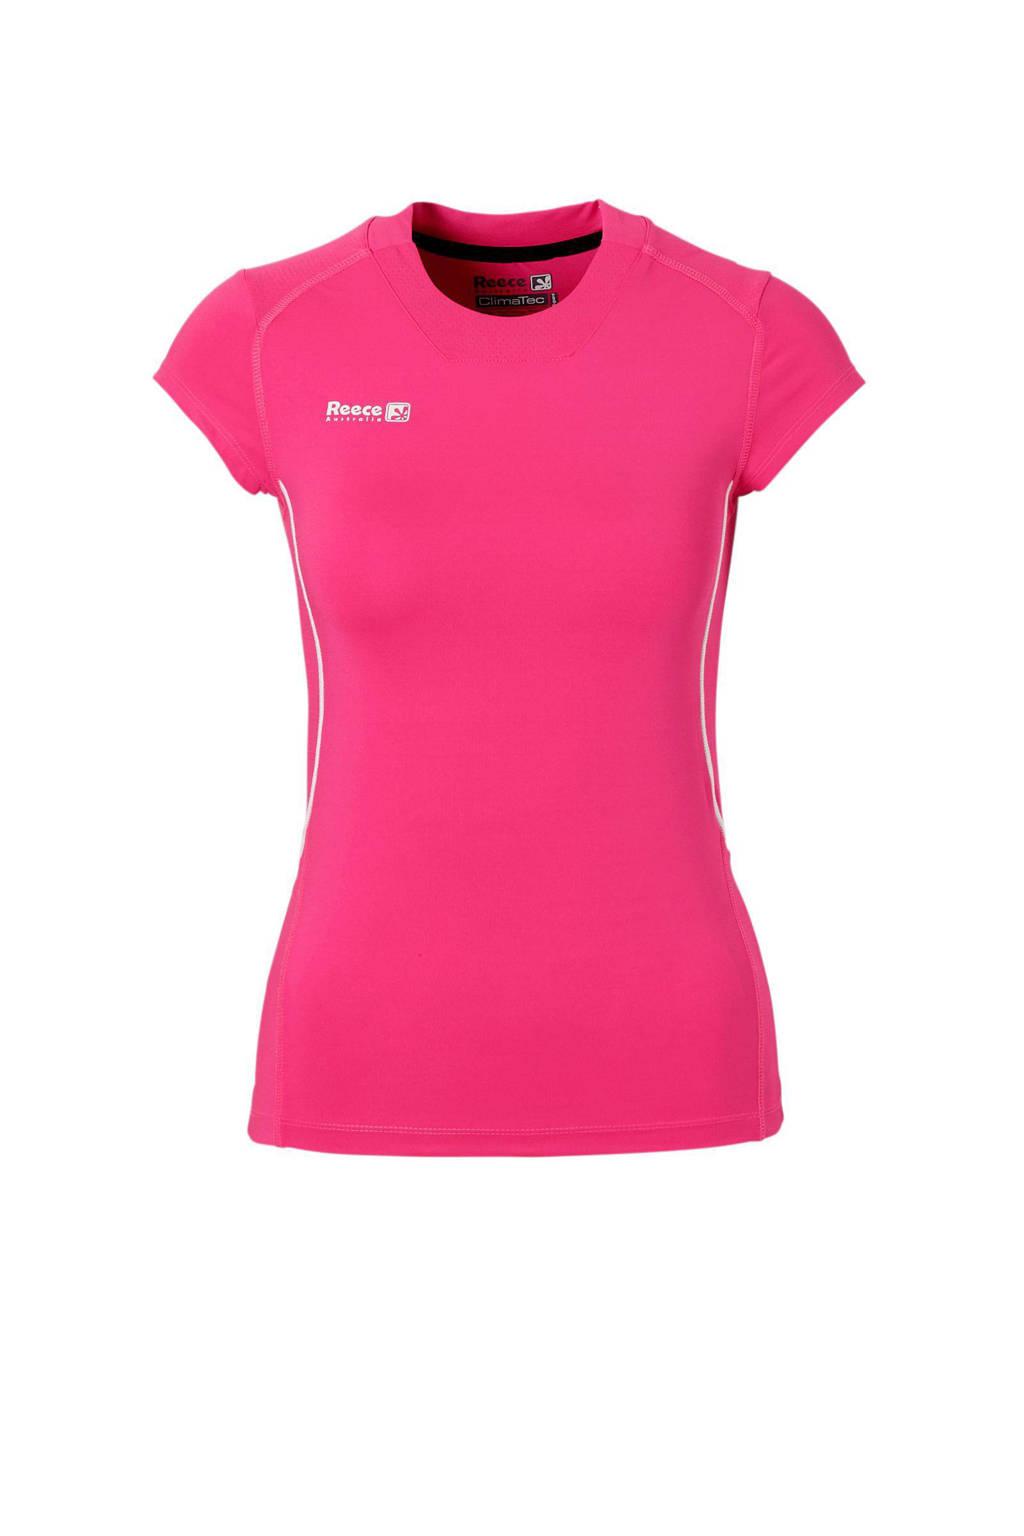 Reece Australia sport T-shirt roze, Roze, Meisjes